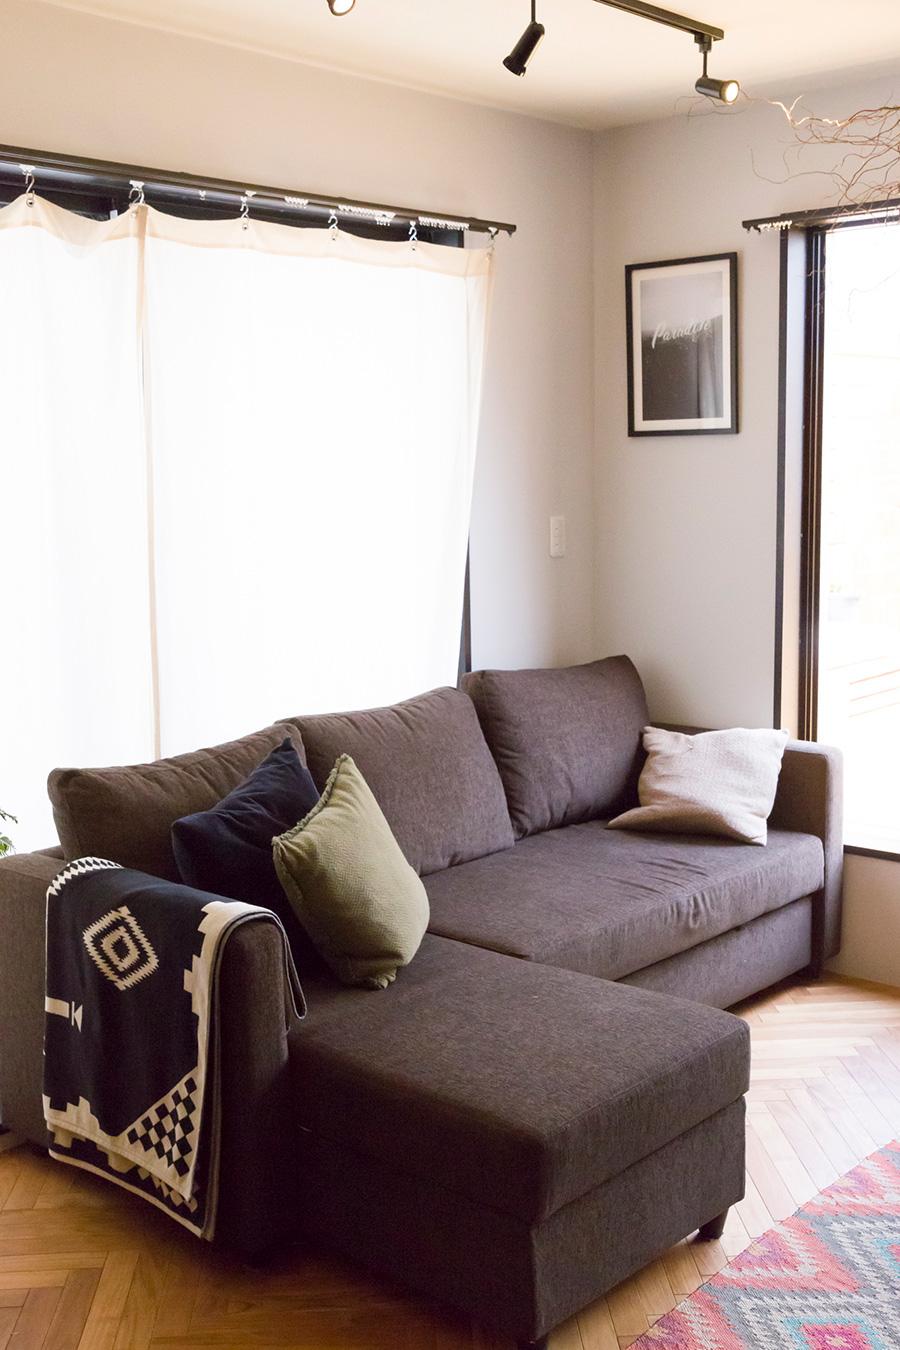 「ソファーベッドはニトリで買いました。これがかなり優秀で、ベッドとしても使ってもとても寝やすいんです」